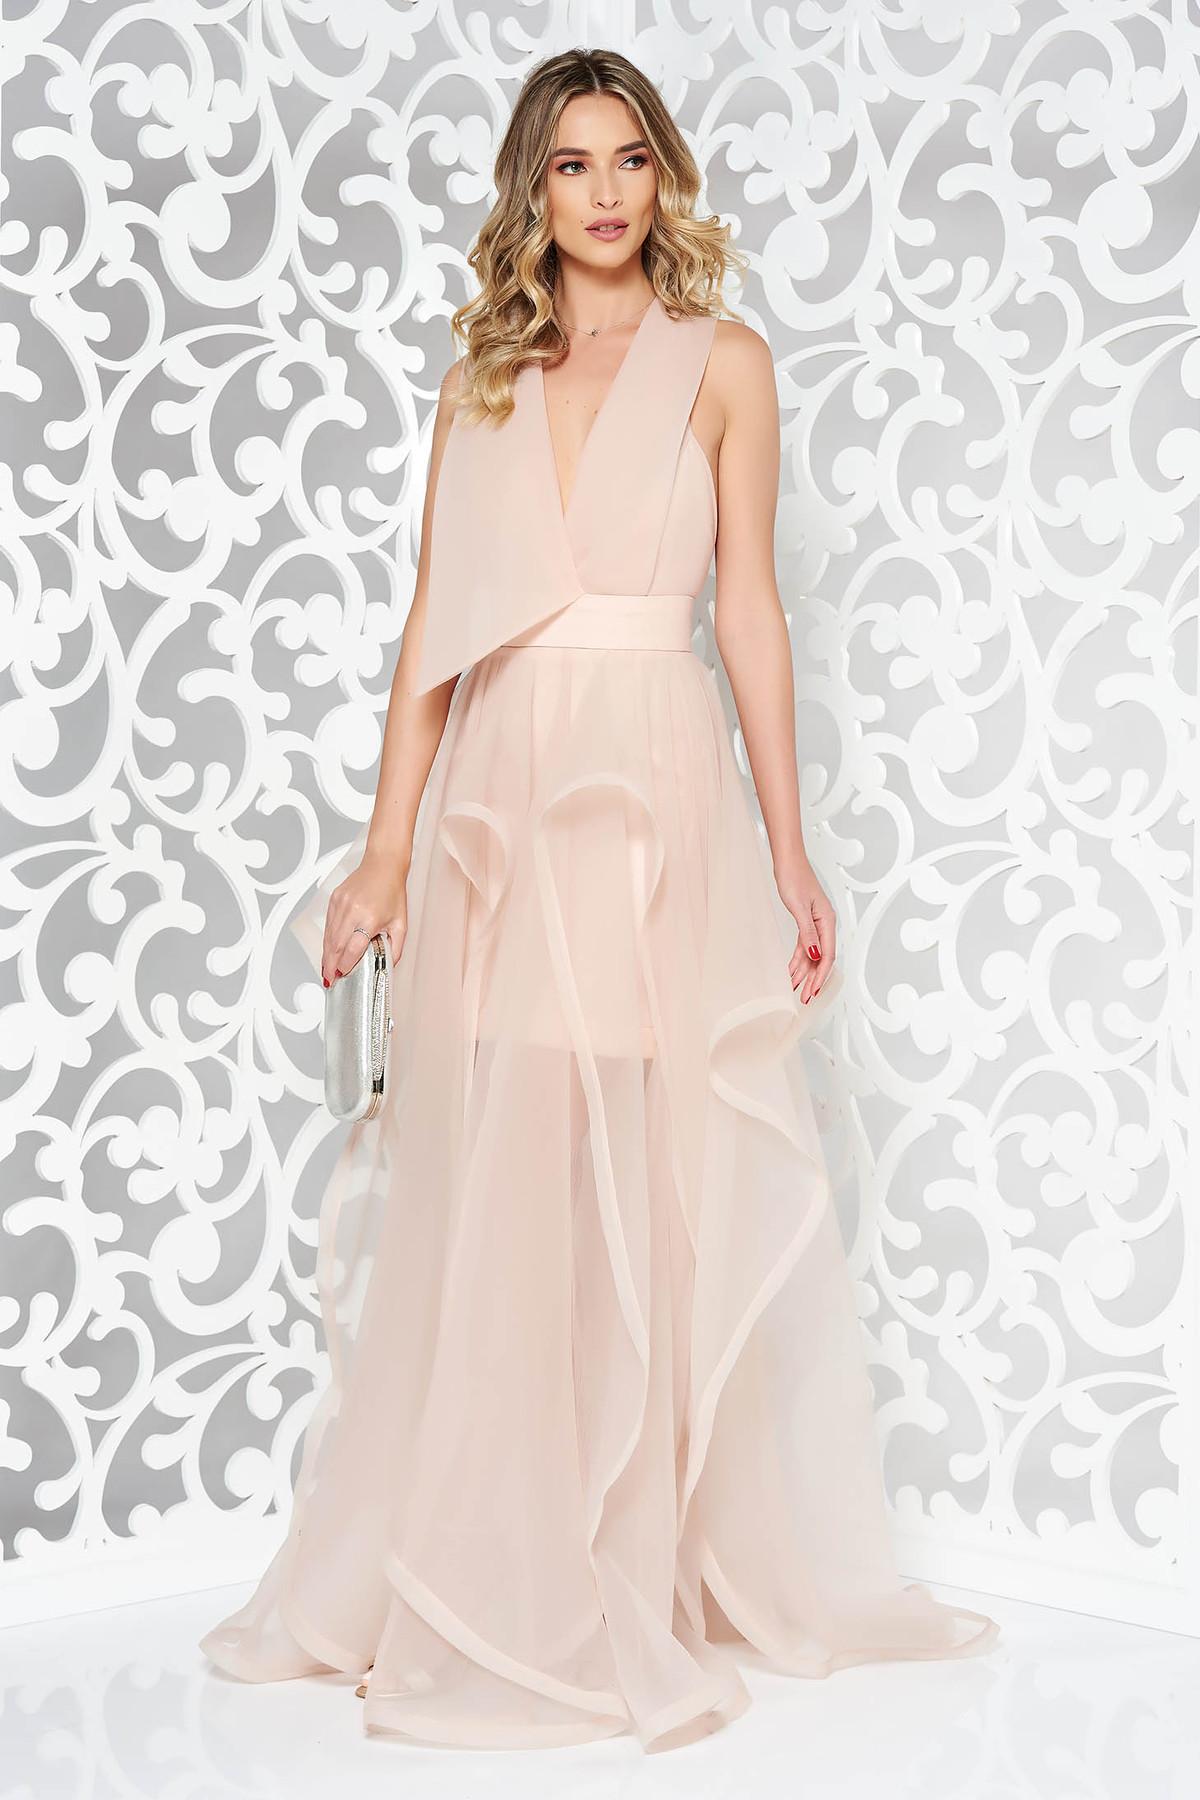 Rochie Ana Radu rosa de lux asimetrica captusita pe interior cu spatele decupat si decolteu adanc